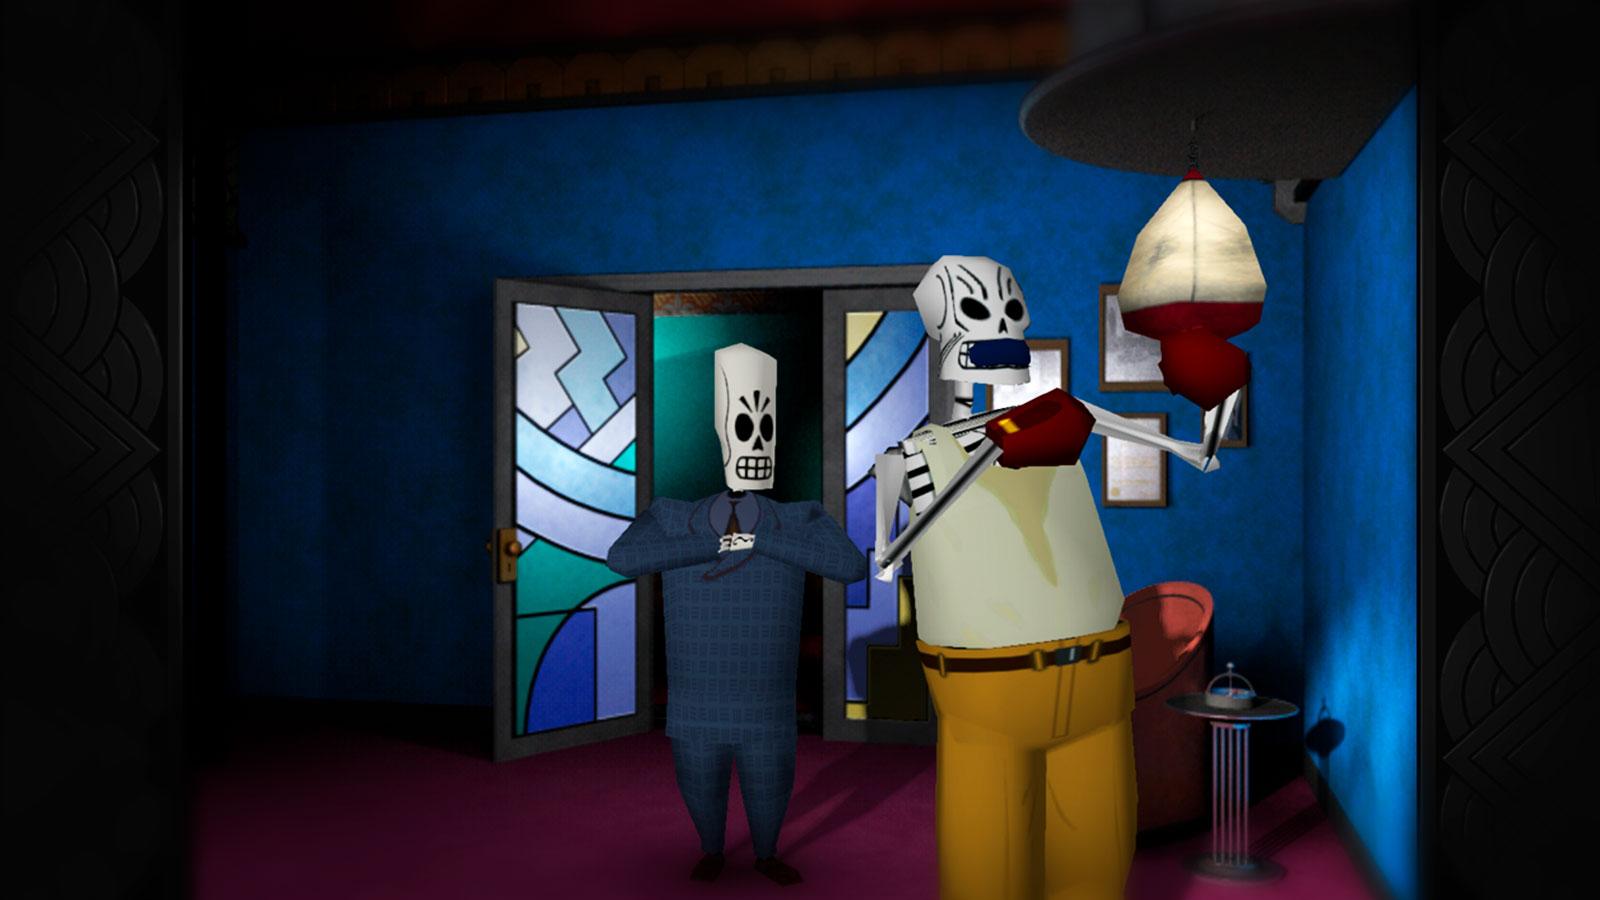 Мексиканский детектив Grim Fandango Remastered